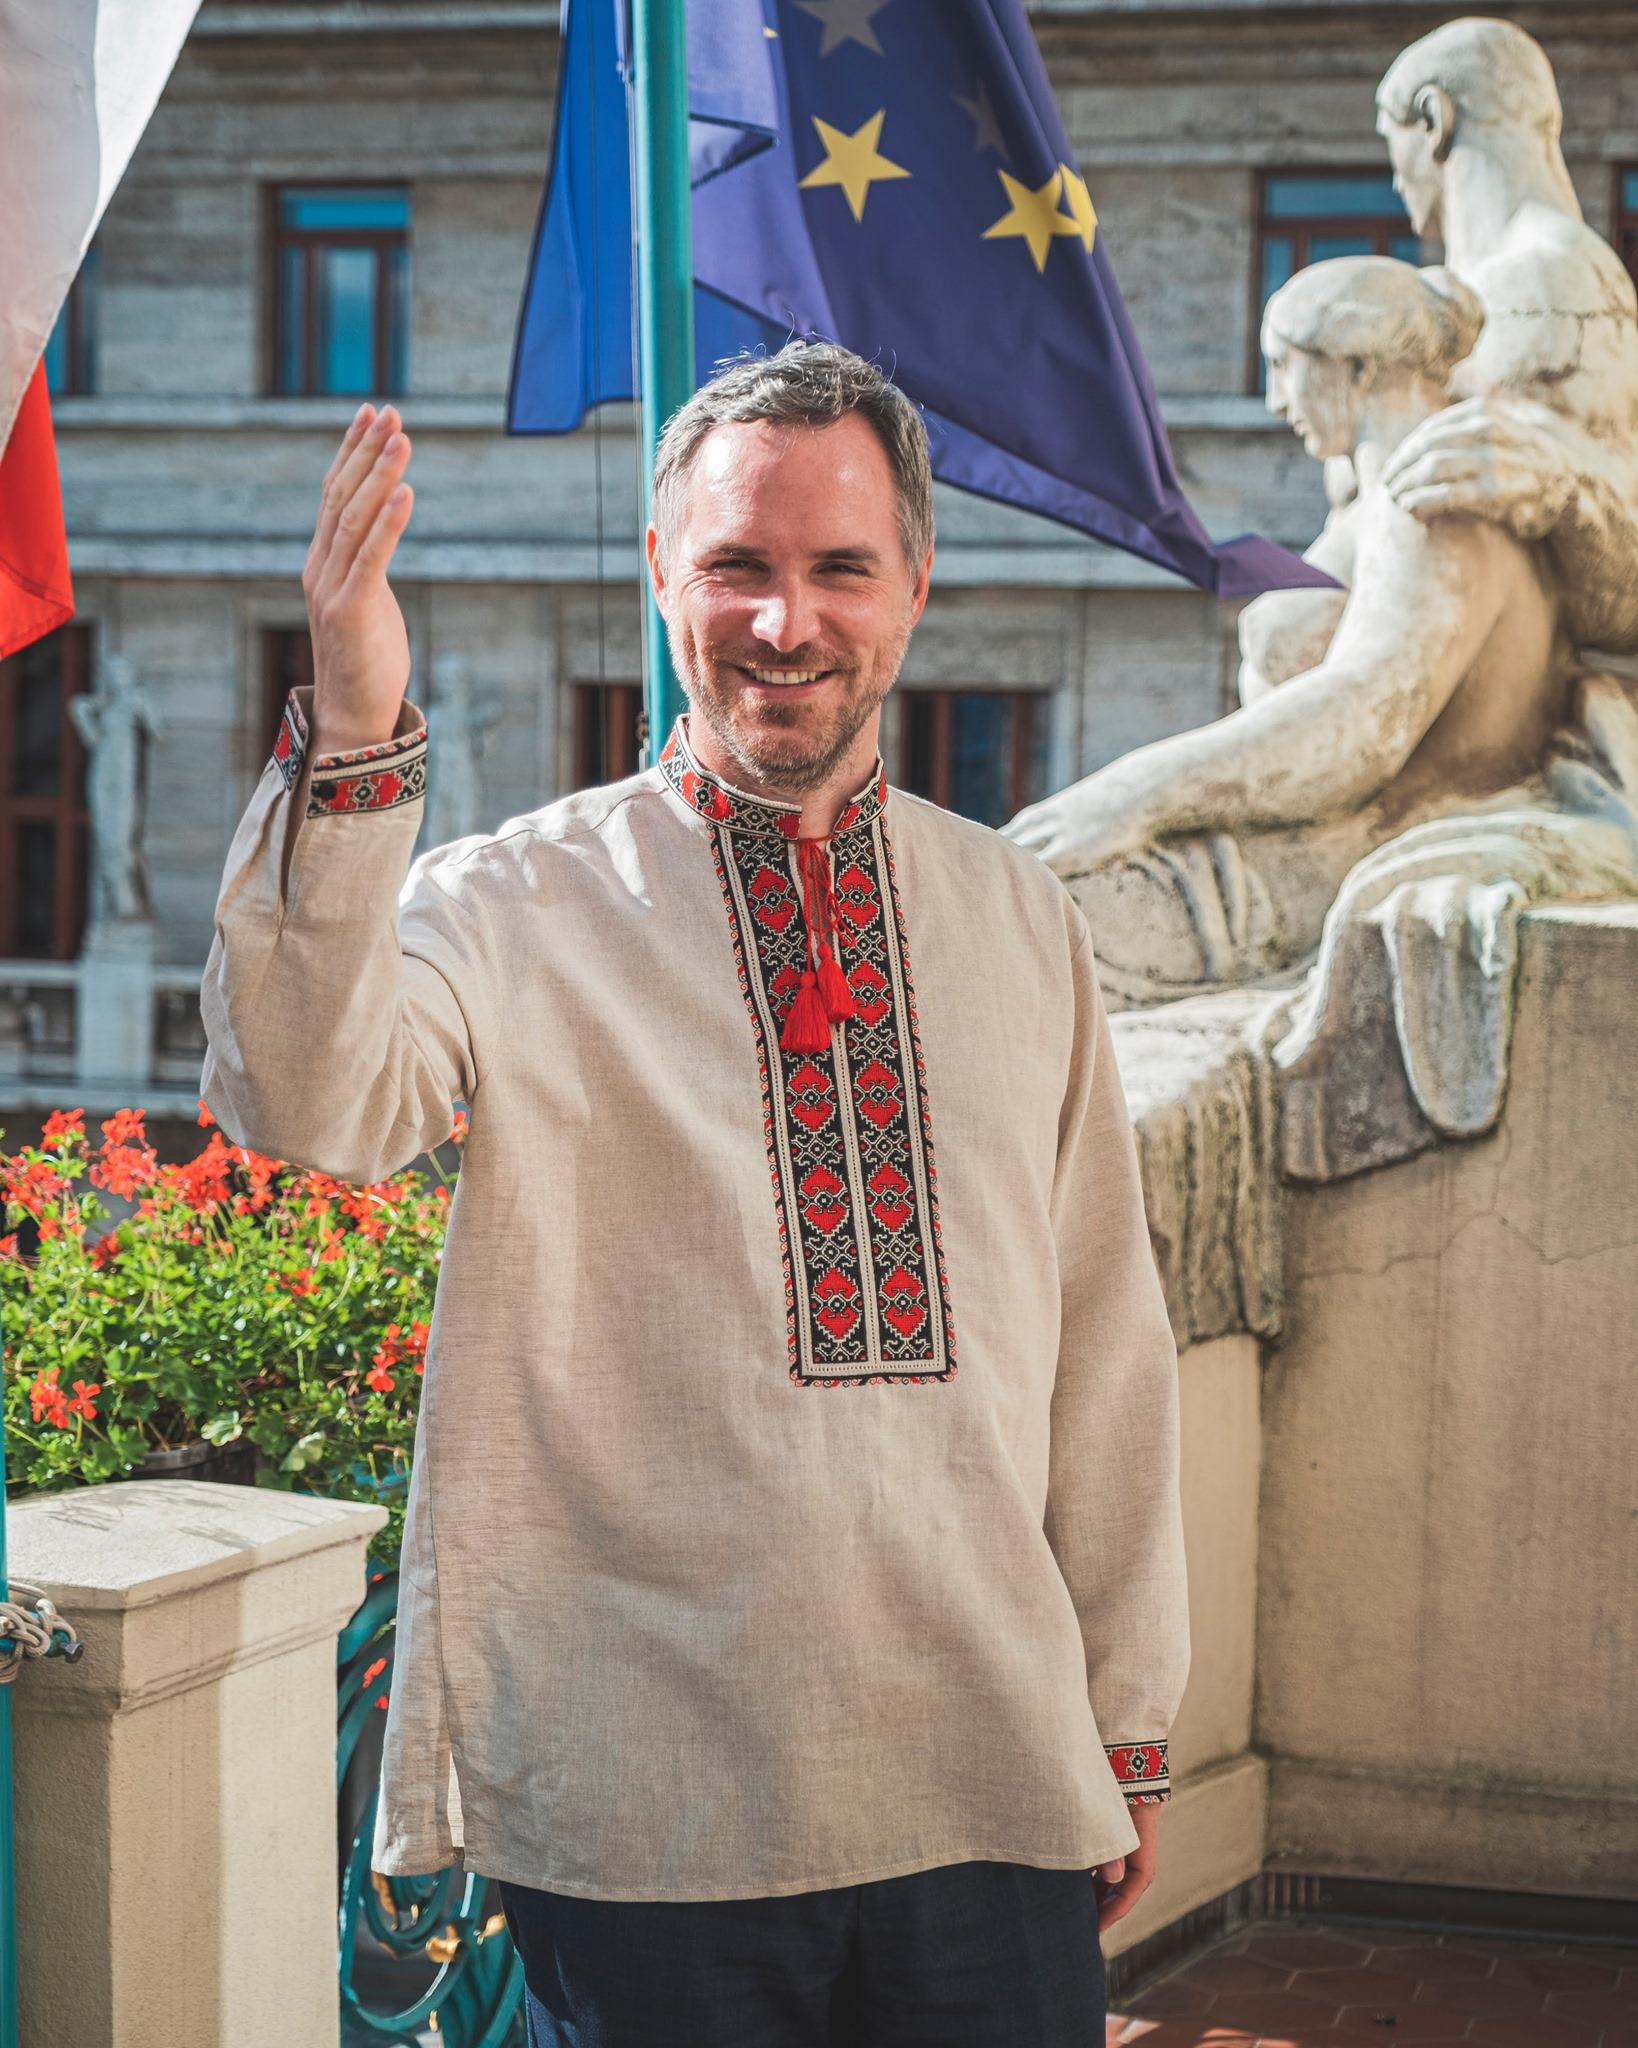 Сьогодні, 24 серпня, Україна відзнає всоє 30-річчя з дня, коли у 1991 році Україна здобула незалежність. тож з нагоди свята мер Чеського міста Прага у соцмережі написав привітання з нагоди свята.